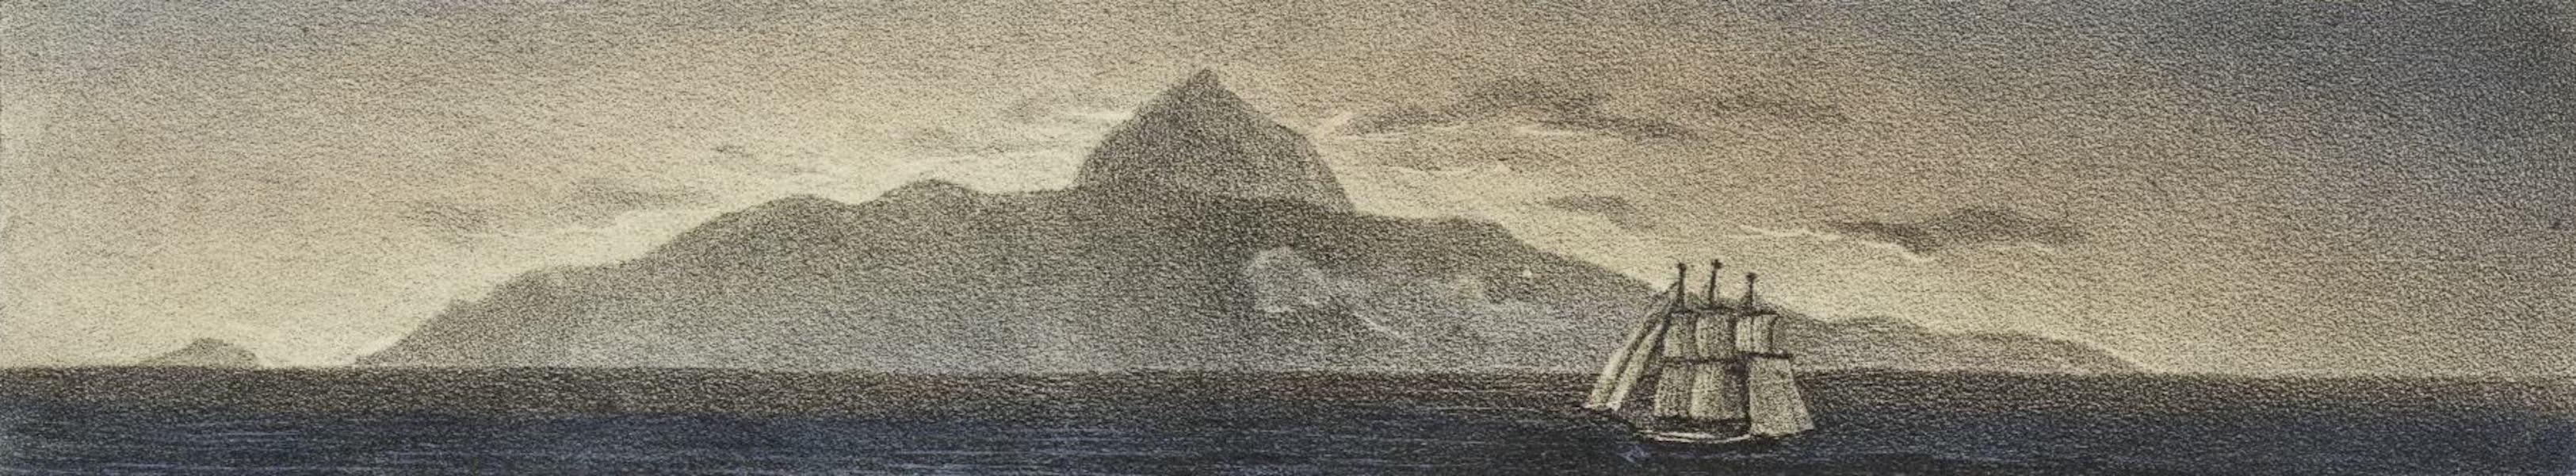 Voyage Pittoresque et Historique au Bresil Vol. 2 - Pic de Tenerife (1835)